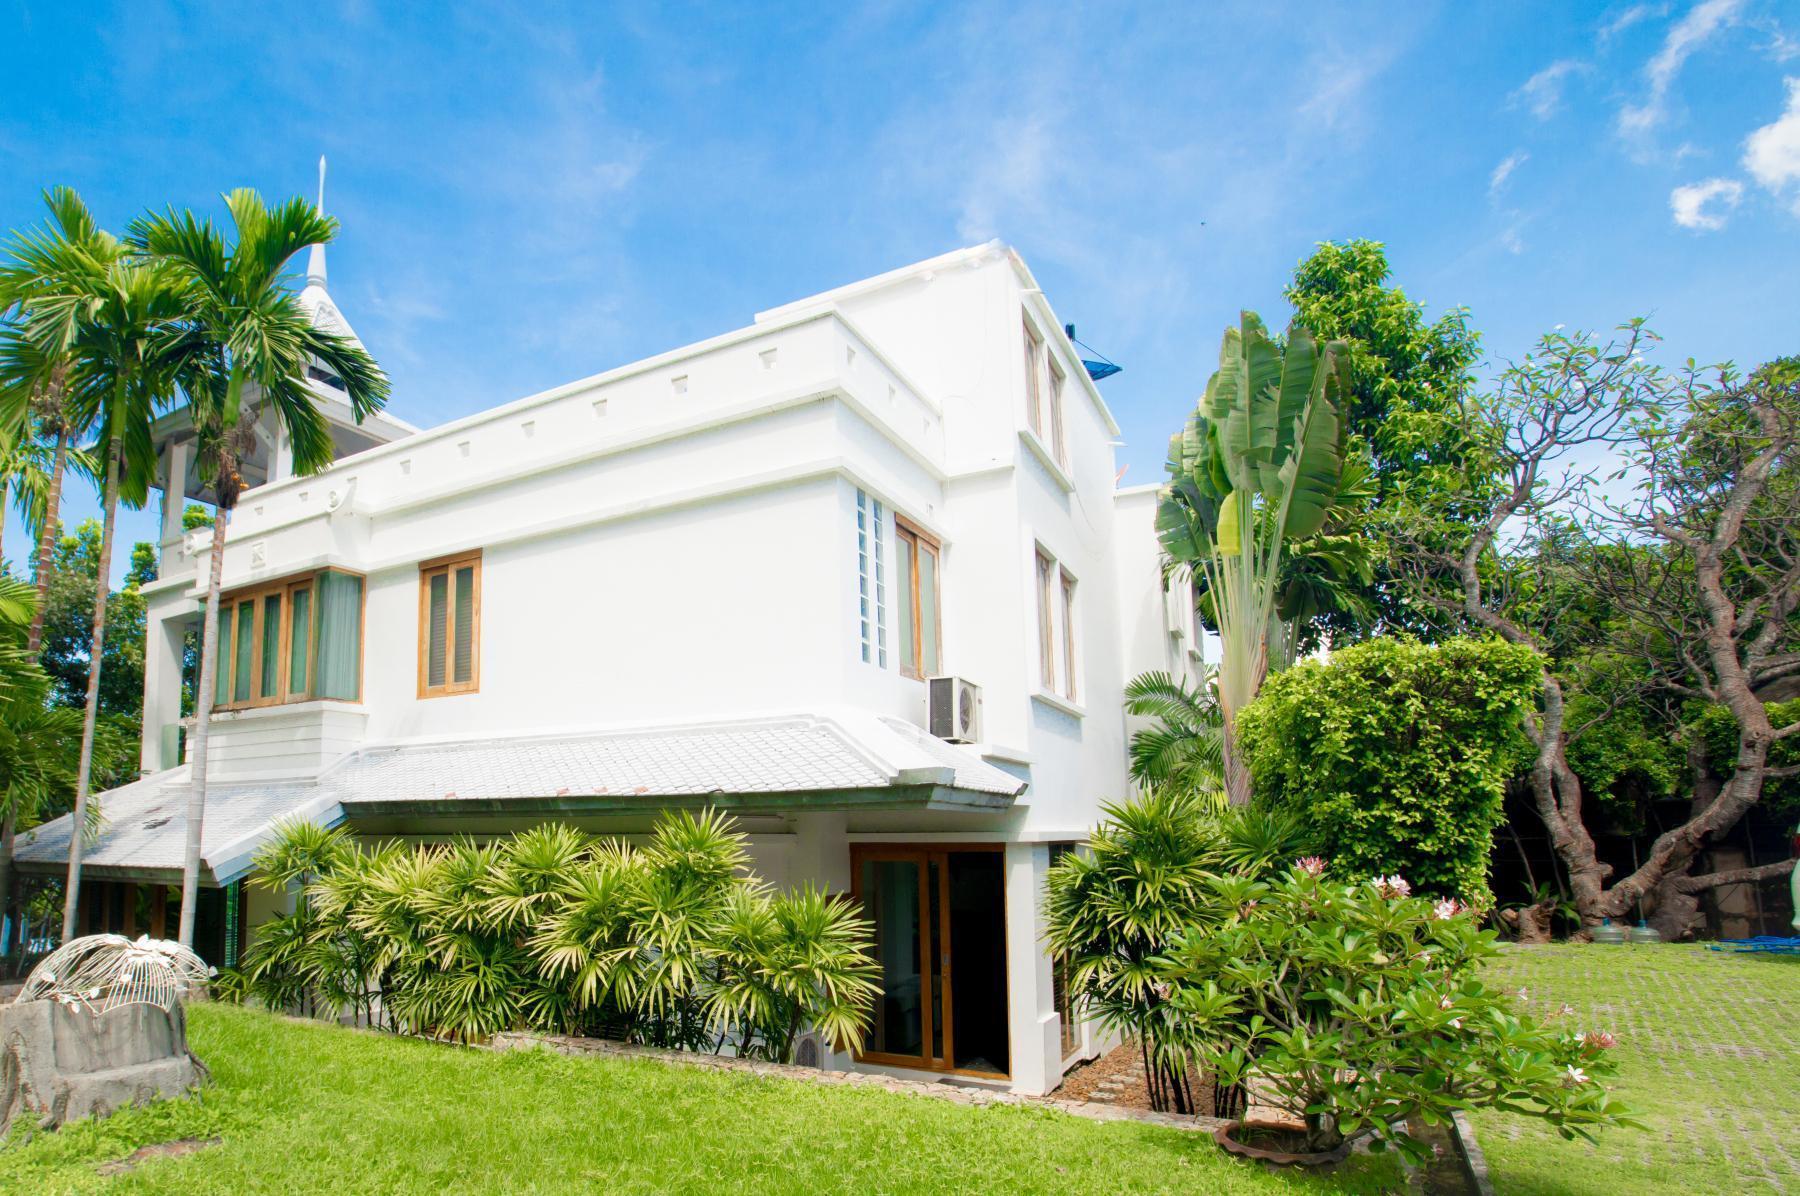 only beach villa in Wong Amart Beach  - Daydream only beach villa in Wong Amart Beach  - Daydream